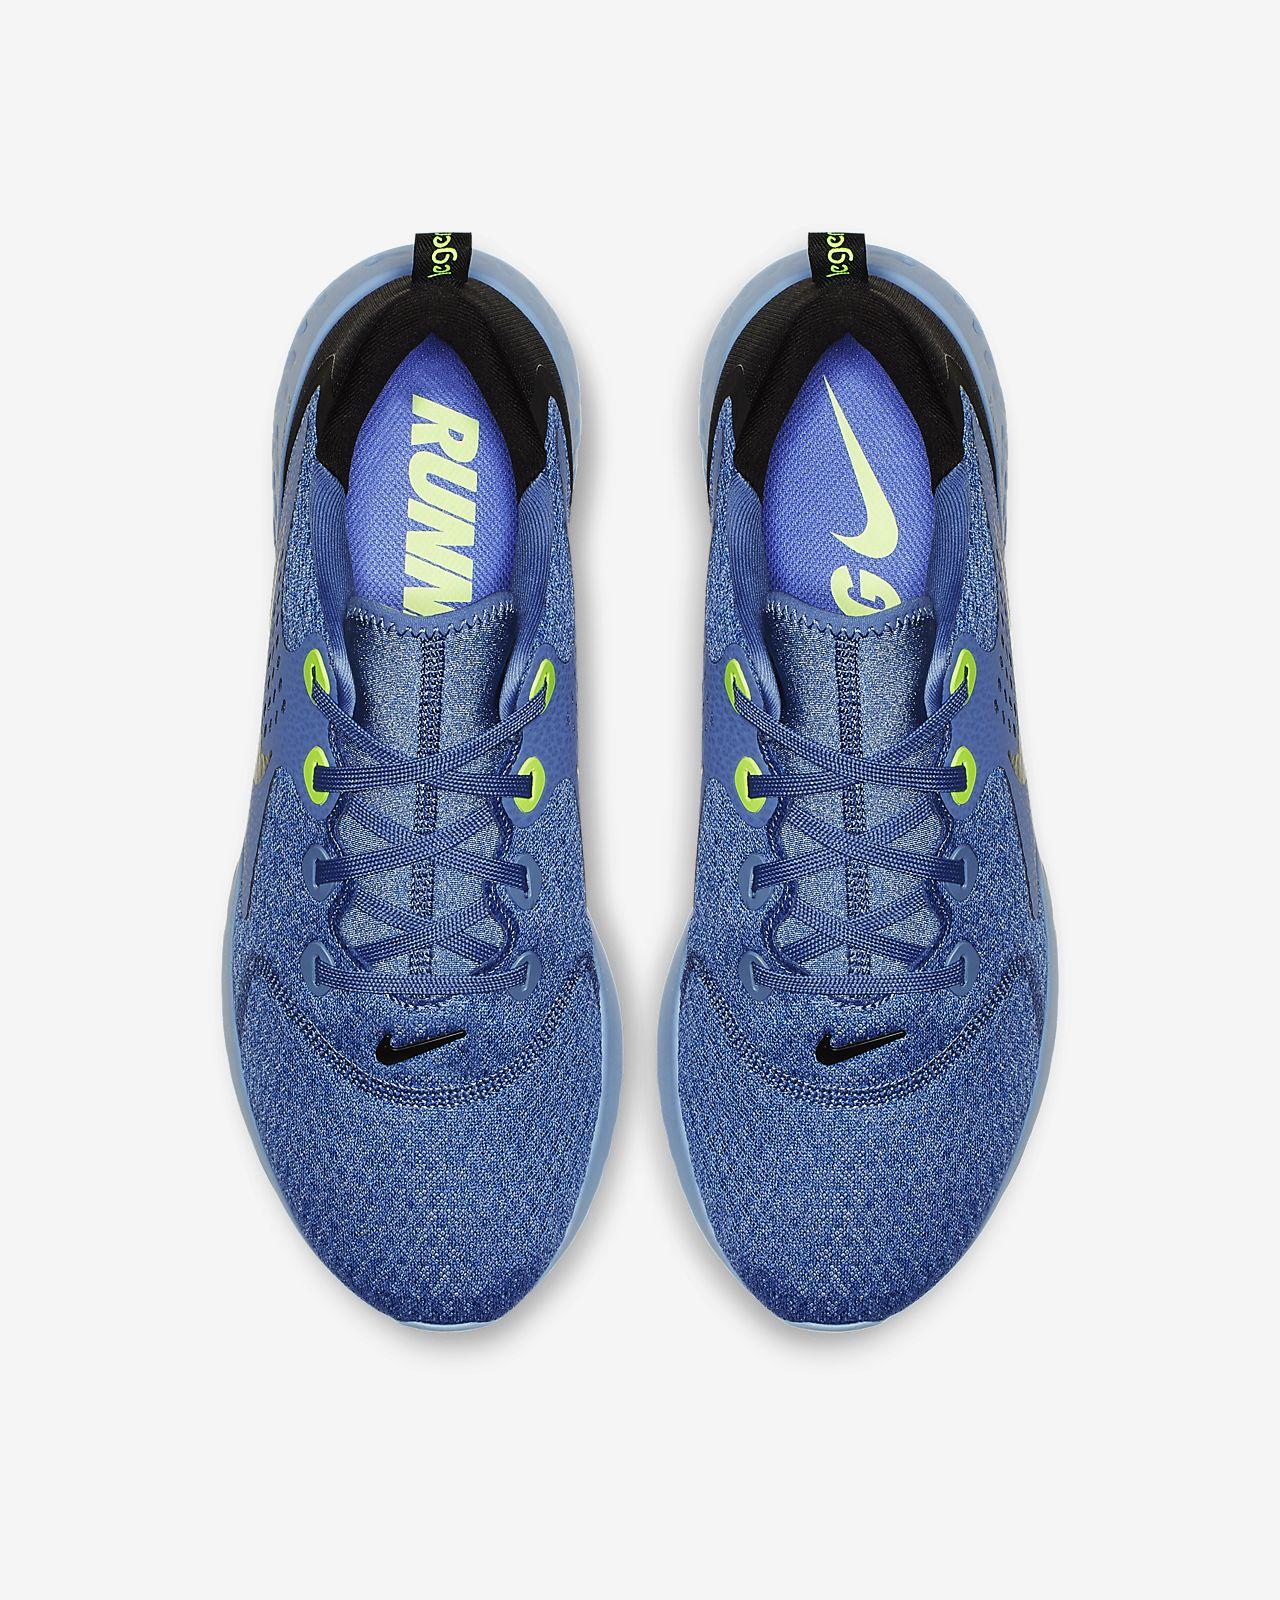 6a44500c9fd8 Nike Legend React Men s Running Shoe. Nike.com